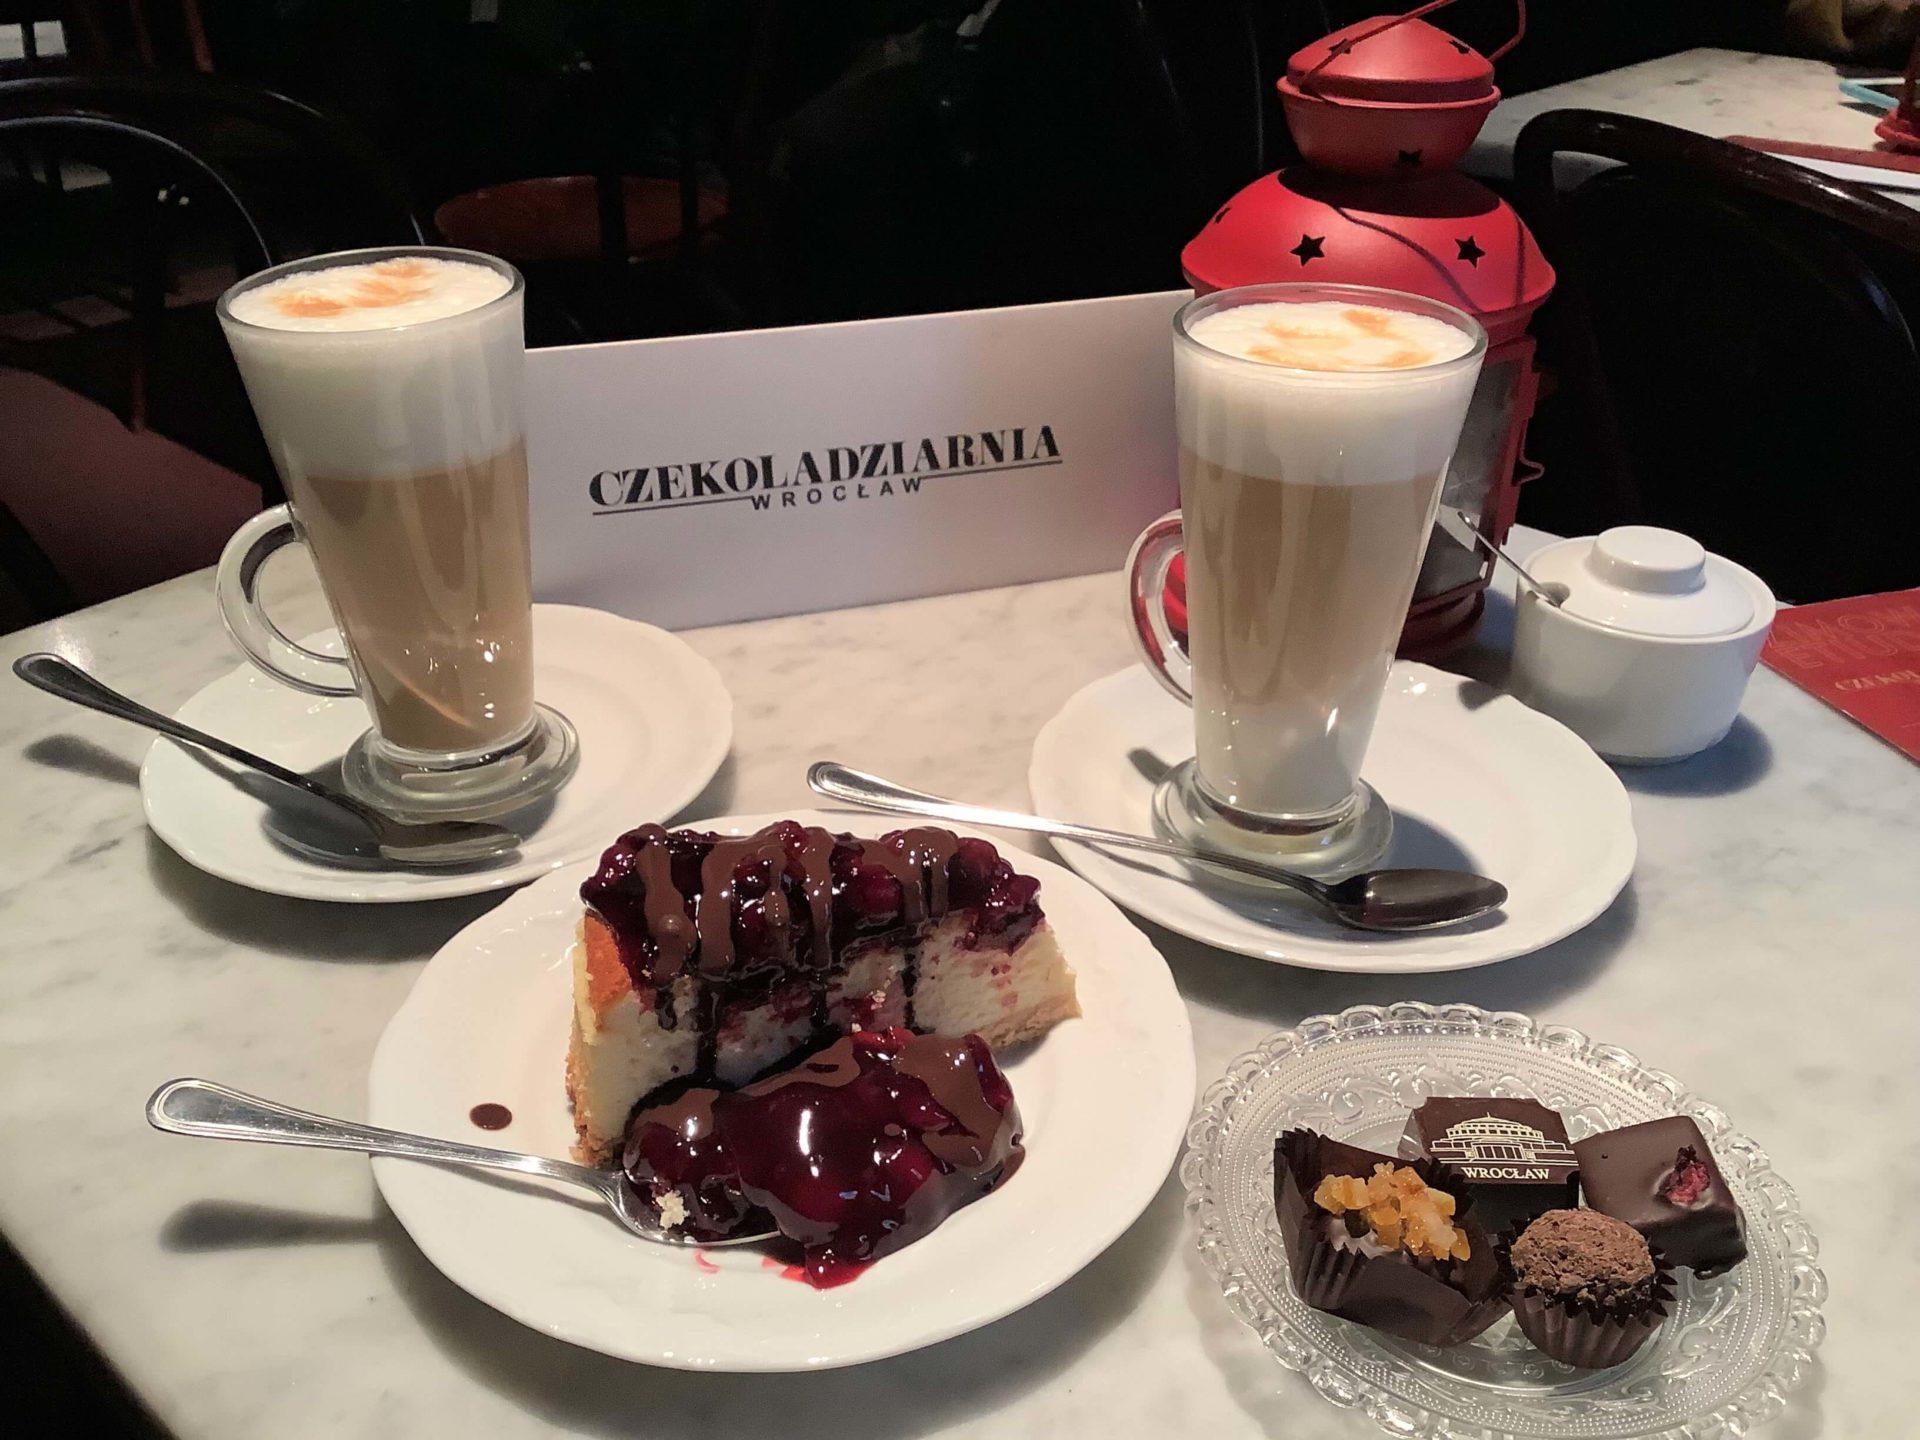 ヴォロツワフのCzekoladziarniaのカフェのチーズケーキとチョコレートとカフェラテ